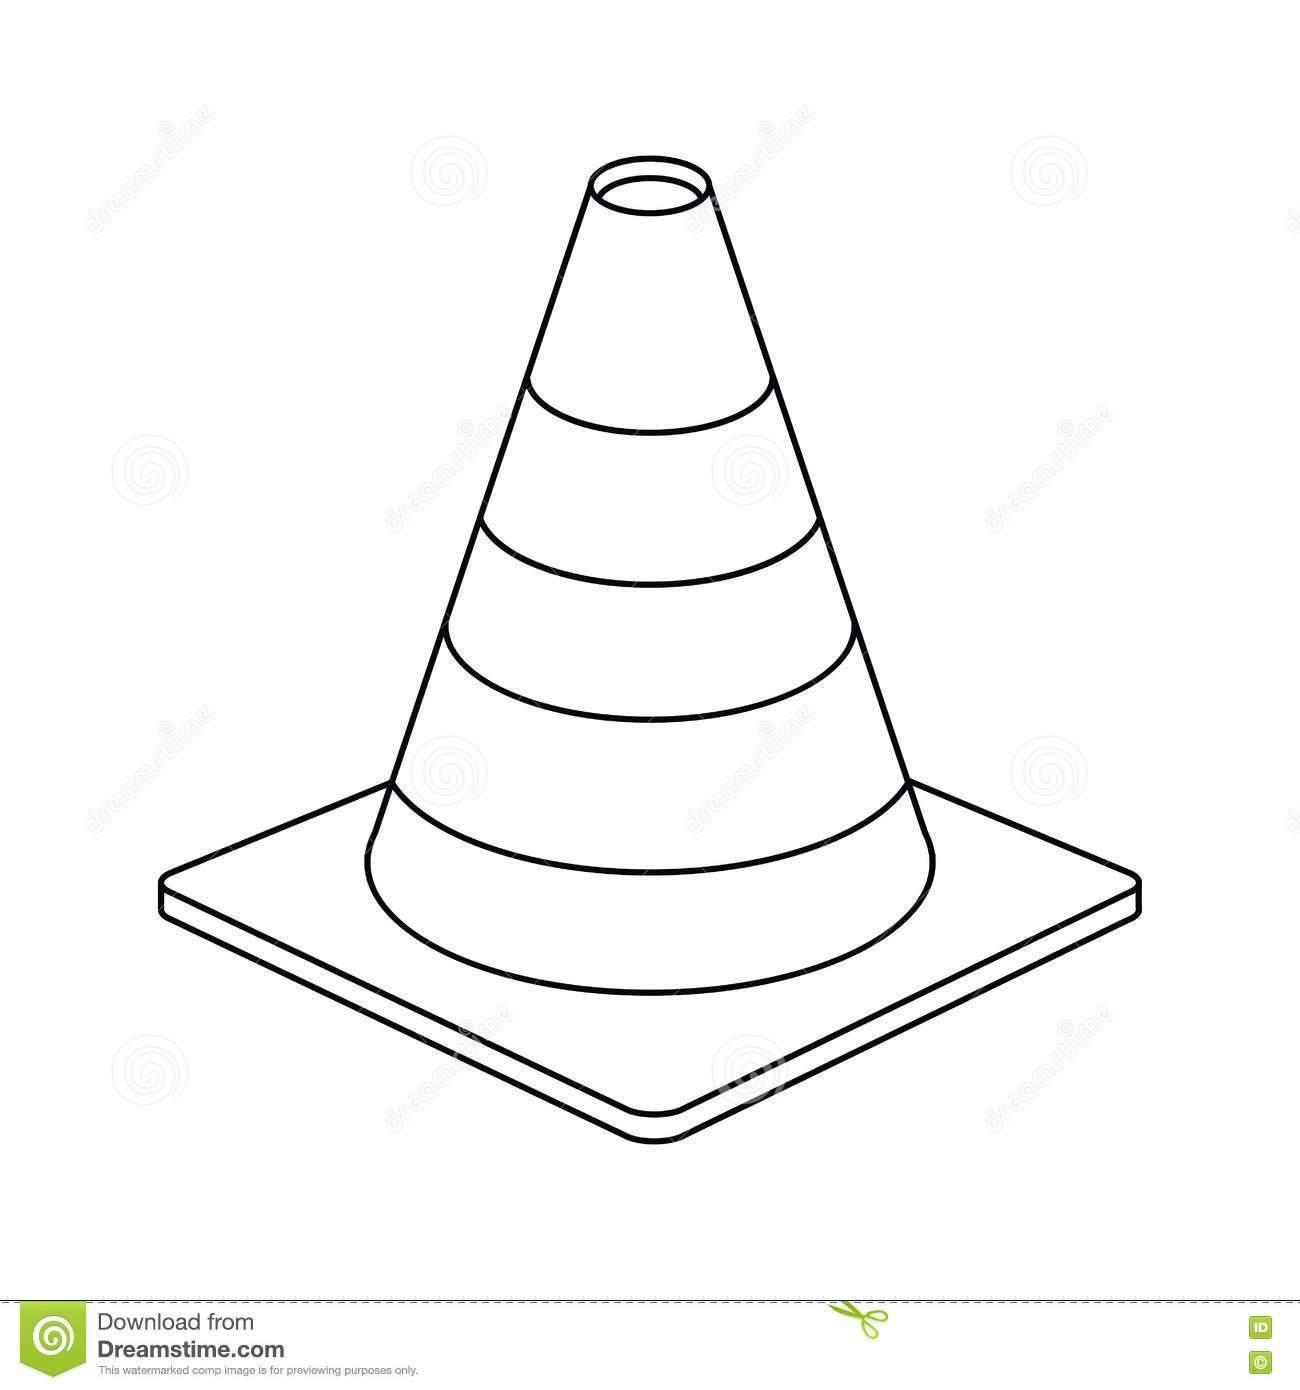 Traffic cone clipart black and white » Clipart Portal.